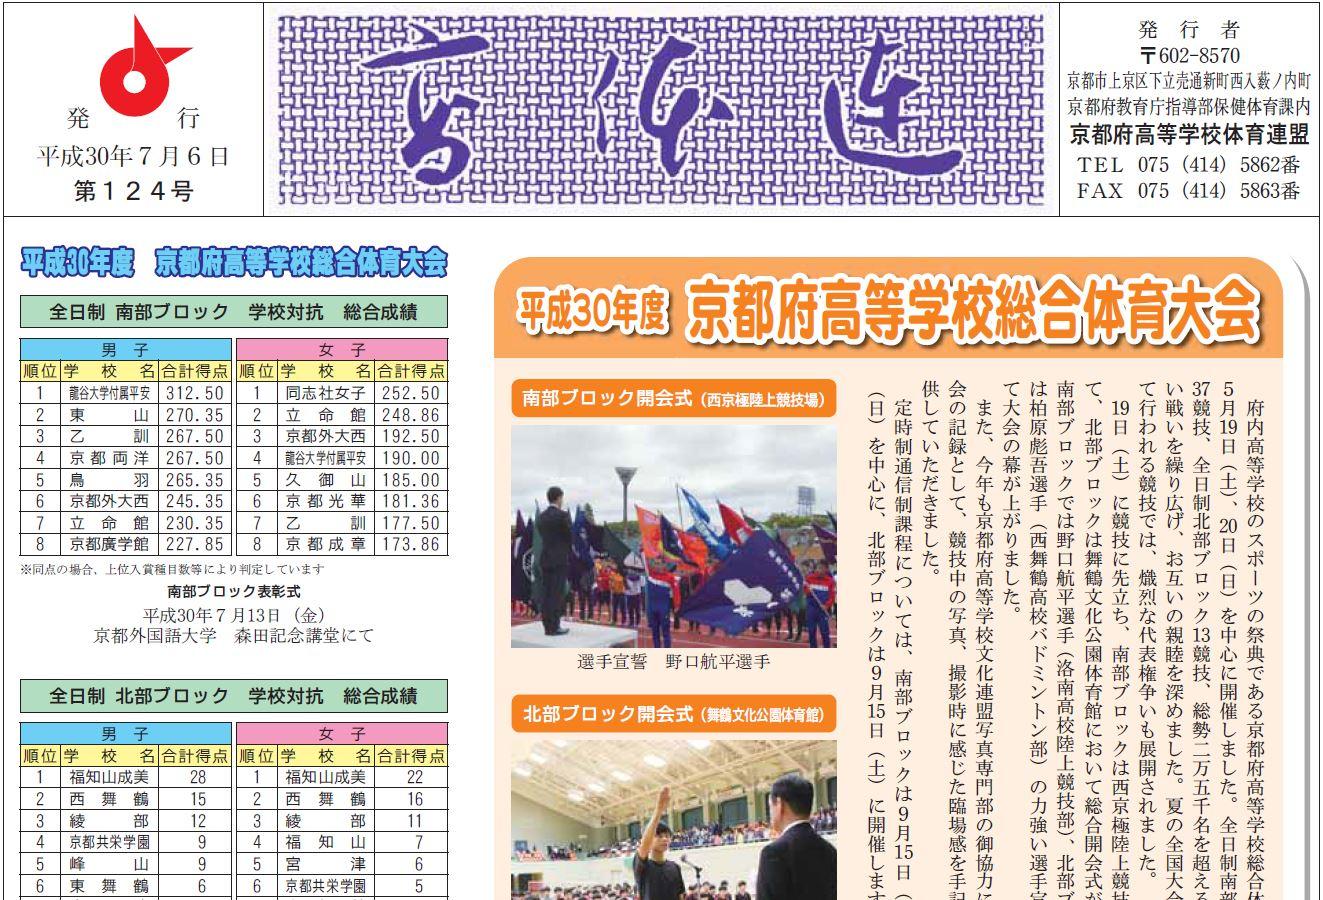 高体連新聞124号を発行しました。